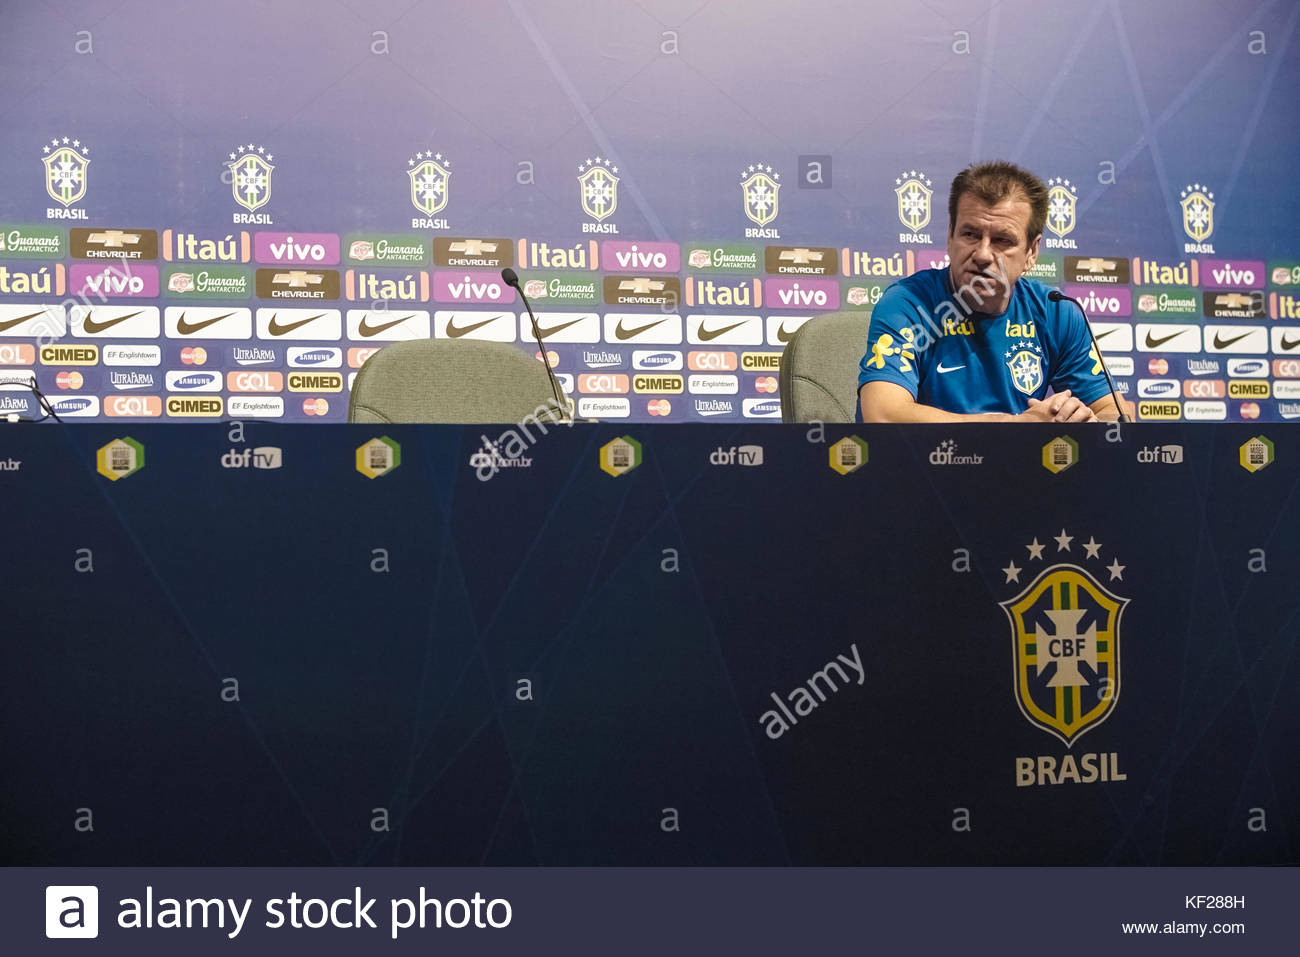 Dunga Brazil Stock Photos & Dunga Brazil Stock Images